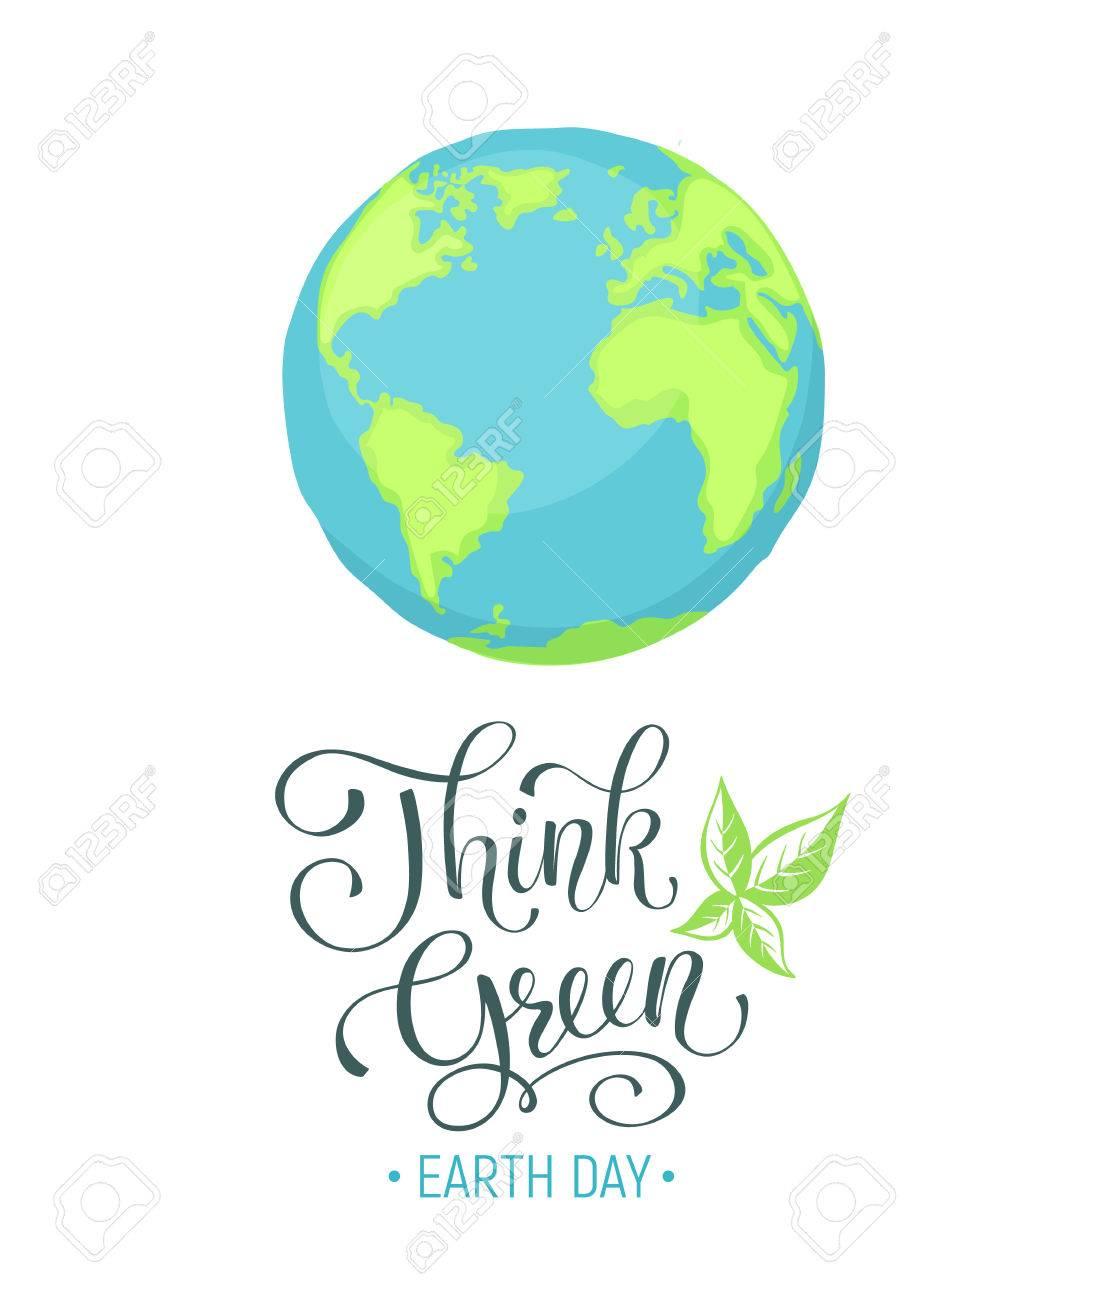 Piense La Fraseología Verde, Cartel Del Día De La Tierra ...